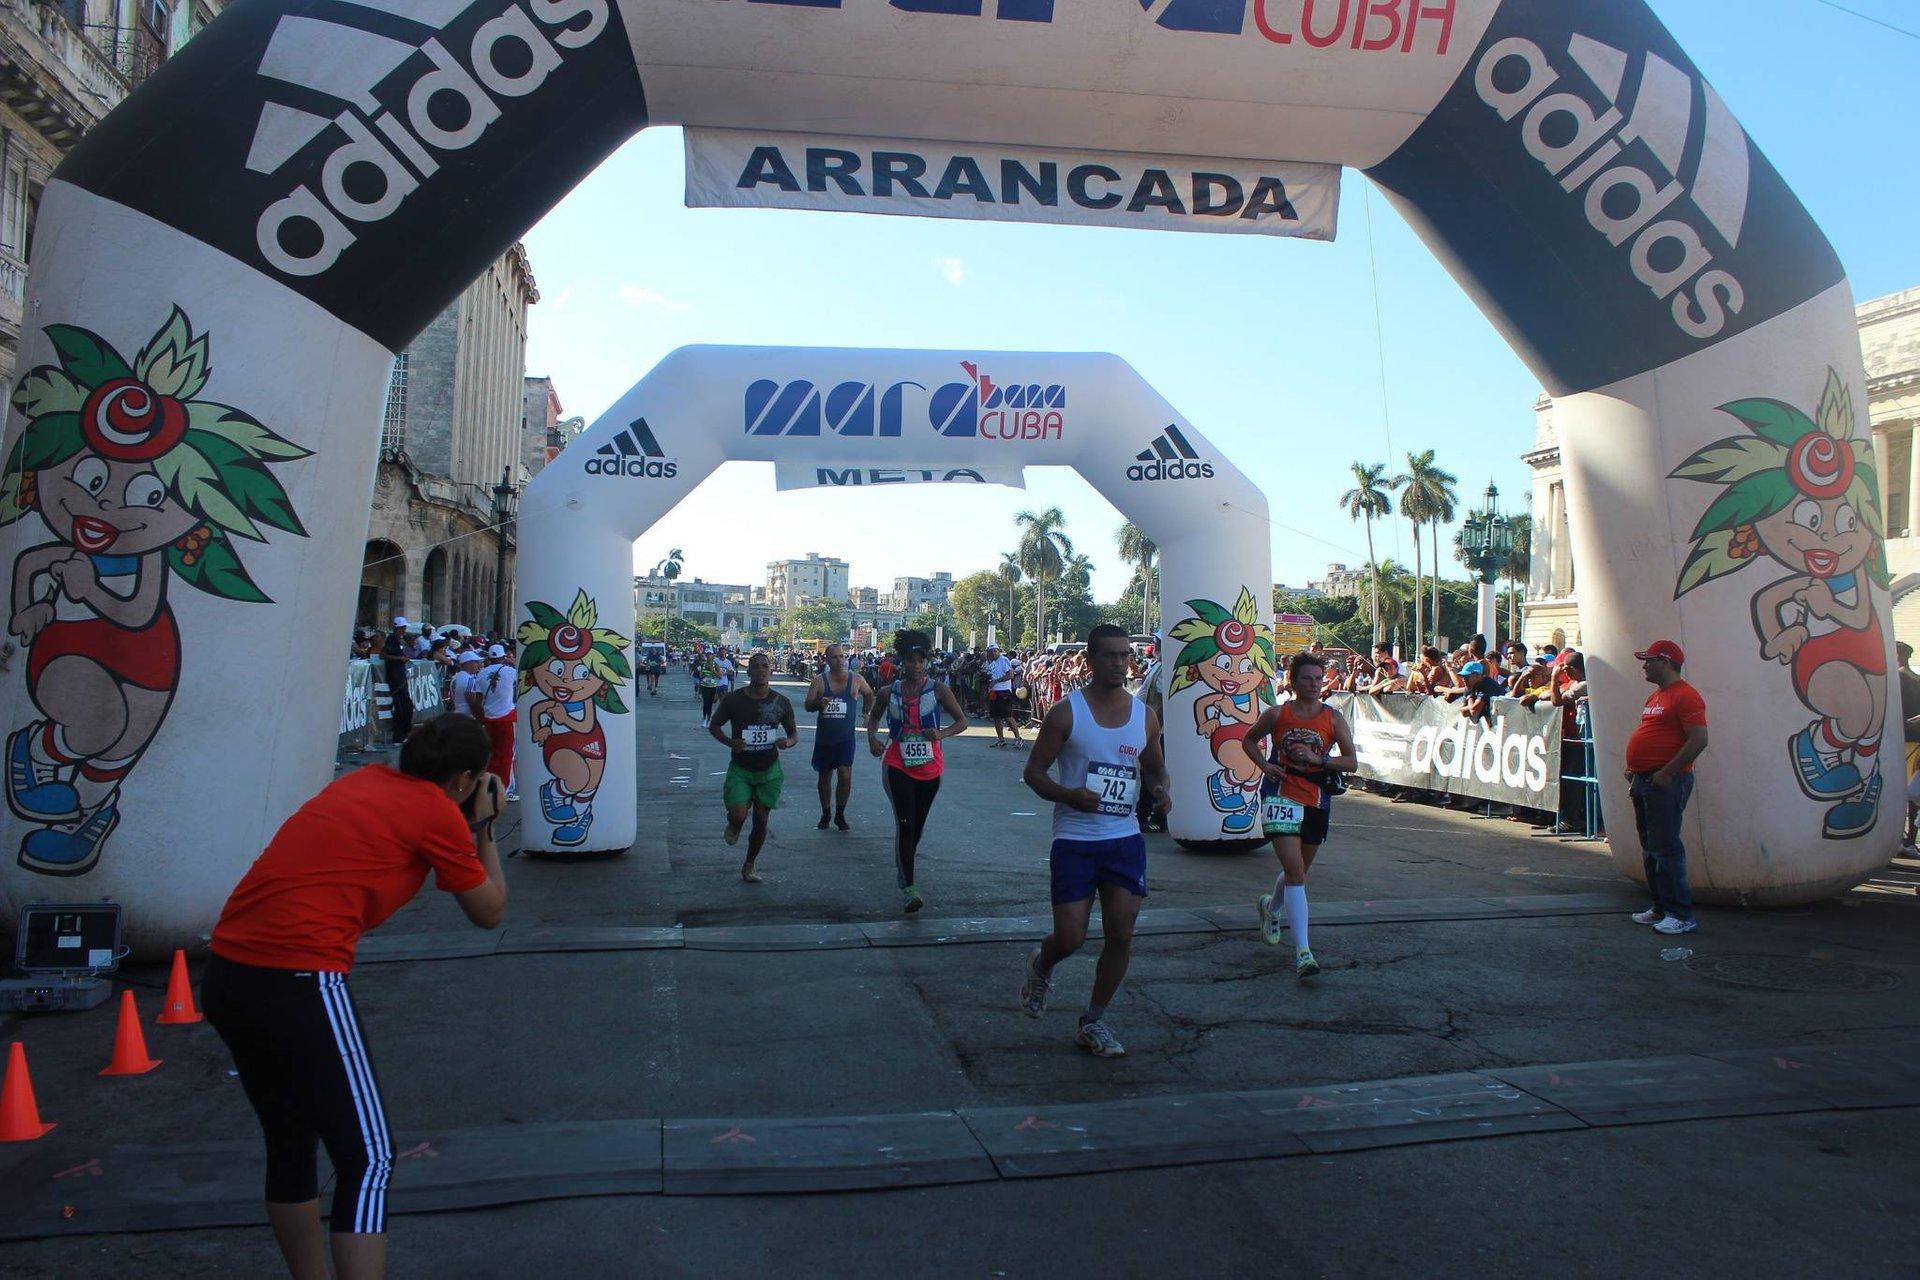 Marabana: Havana Marathon in Cuba - Best Season 2020